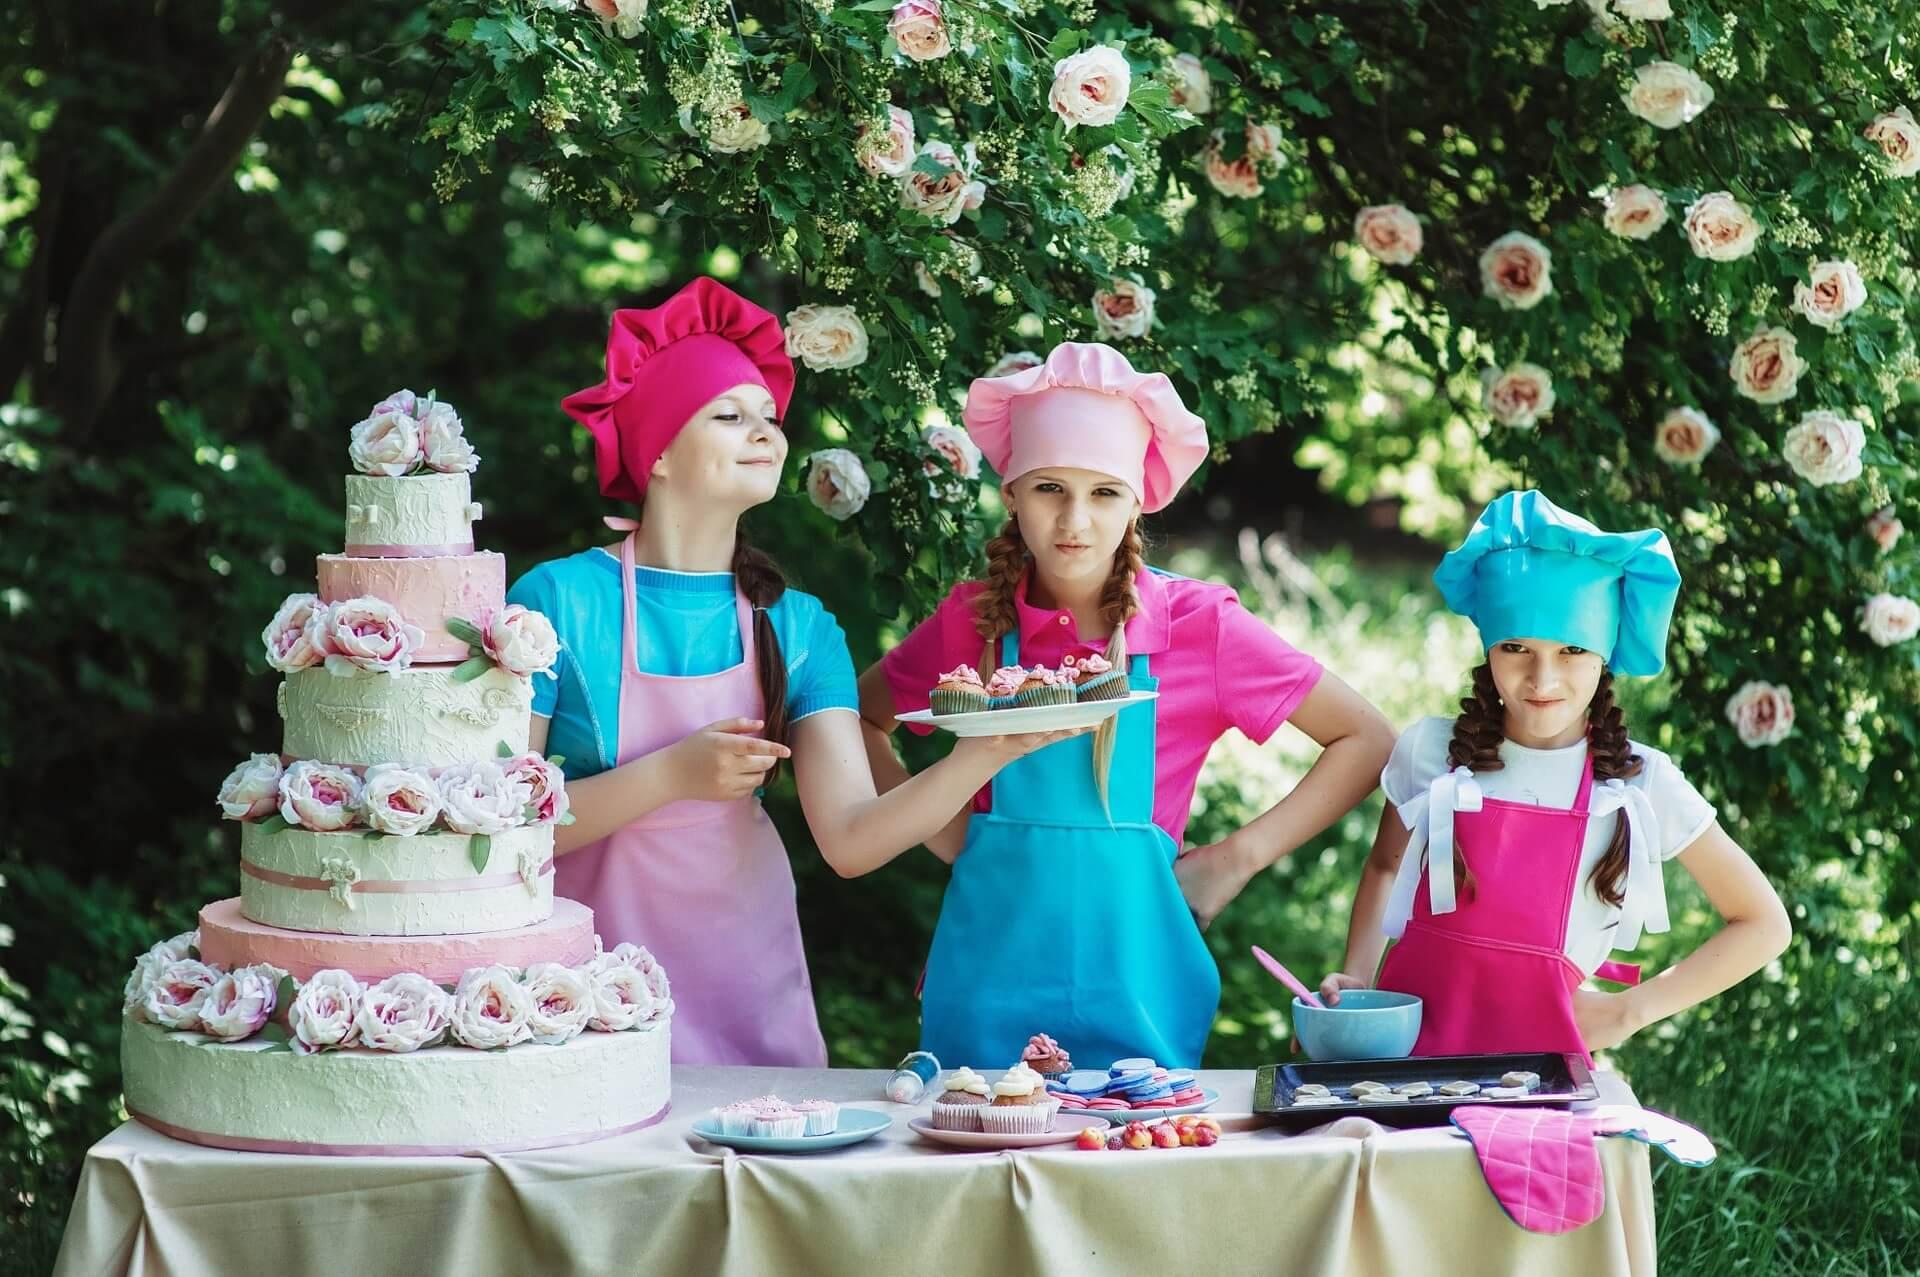 corsi di cucina per bambini e adulti: milano, roma, torino, napoli ... - Corsi Di Cucina A Torino